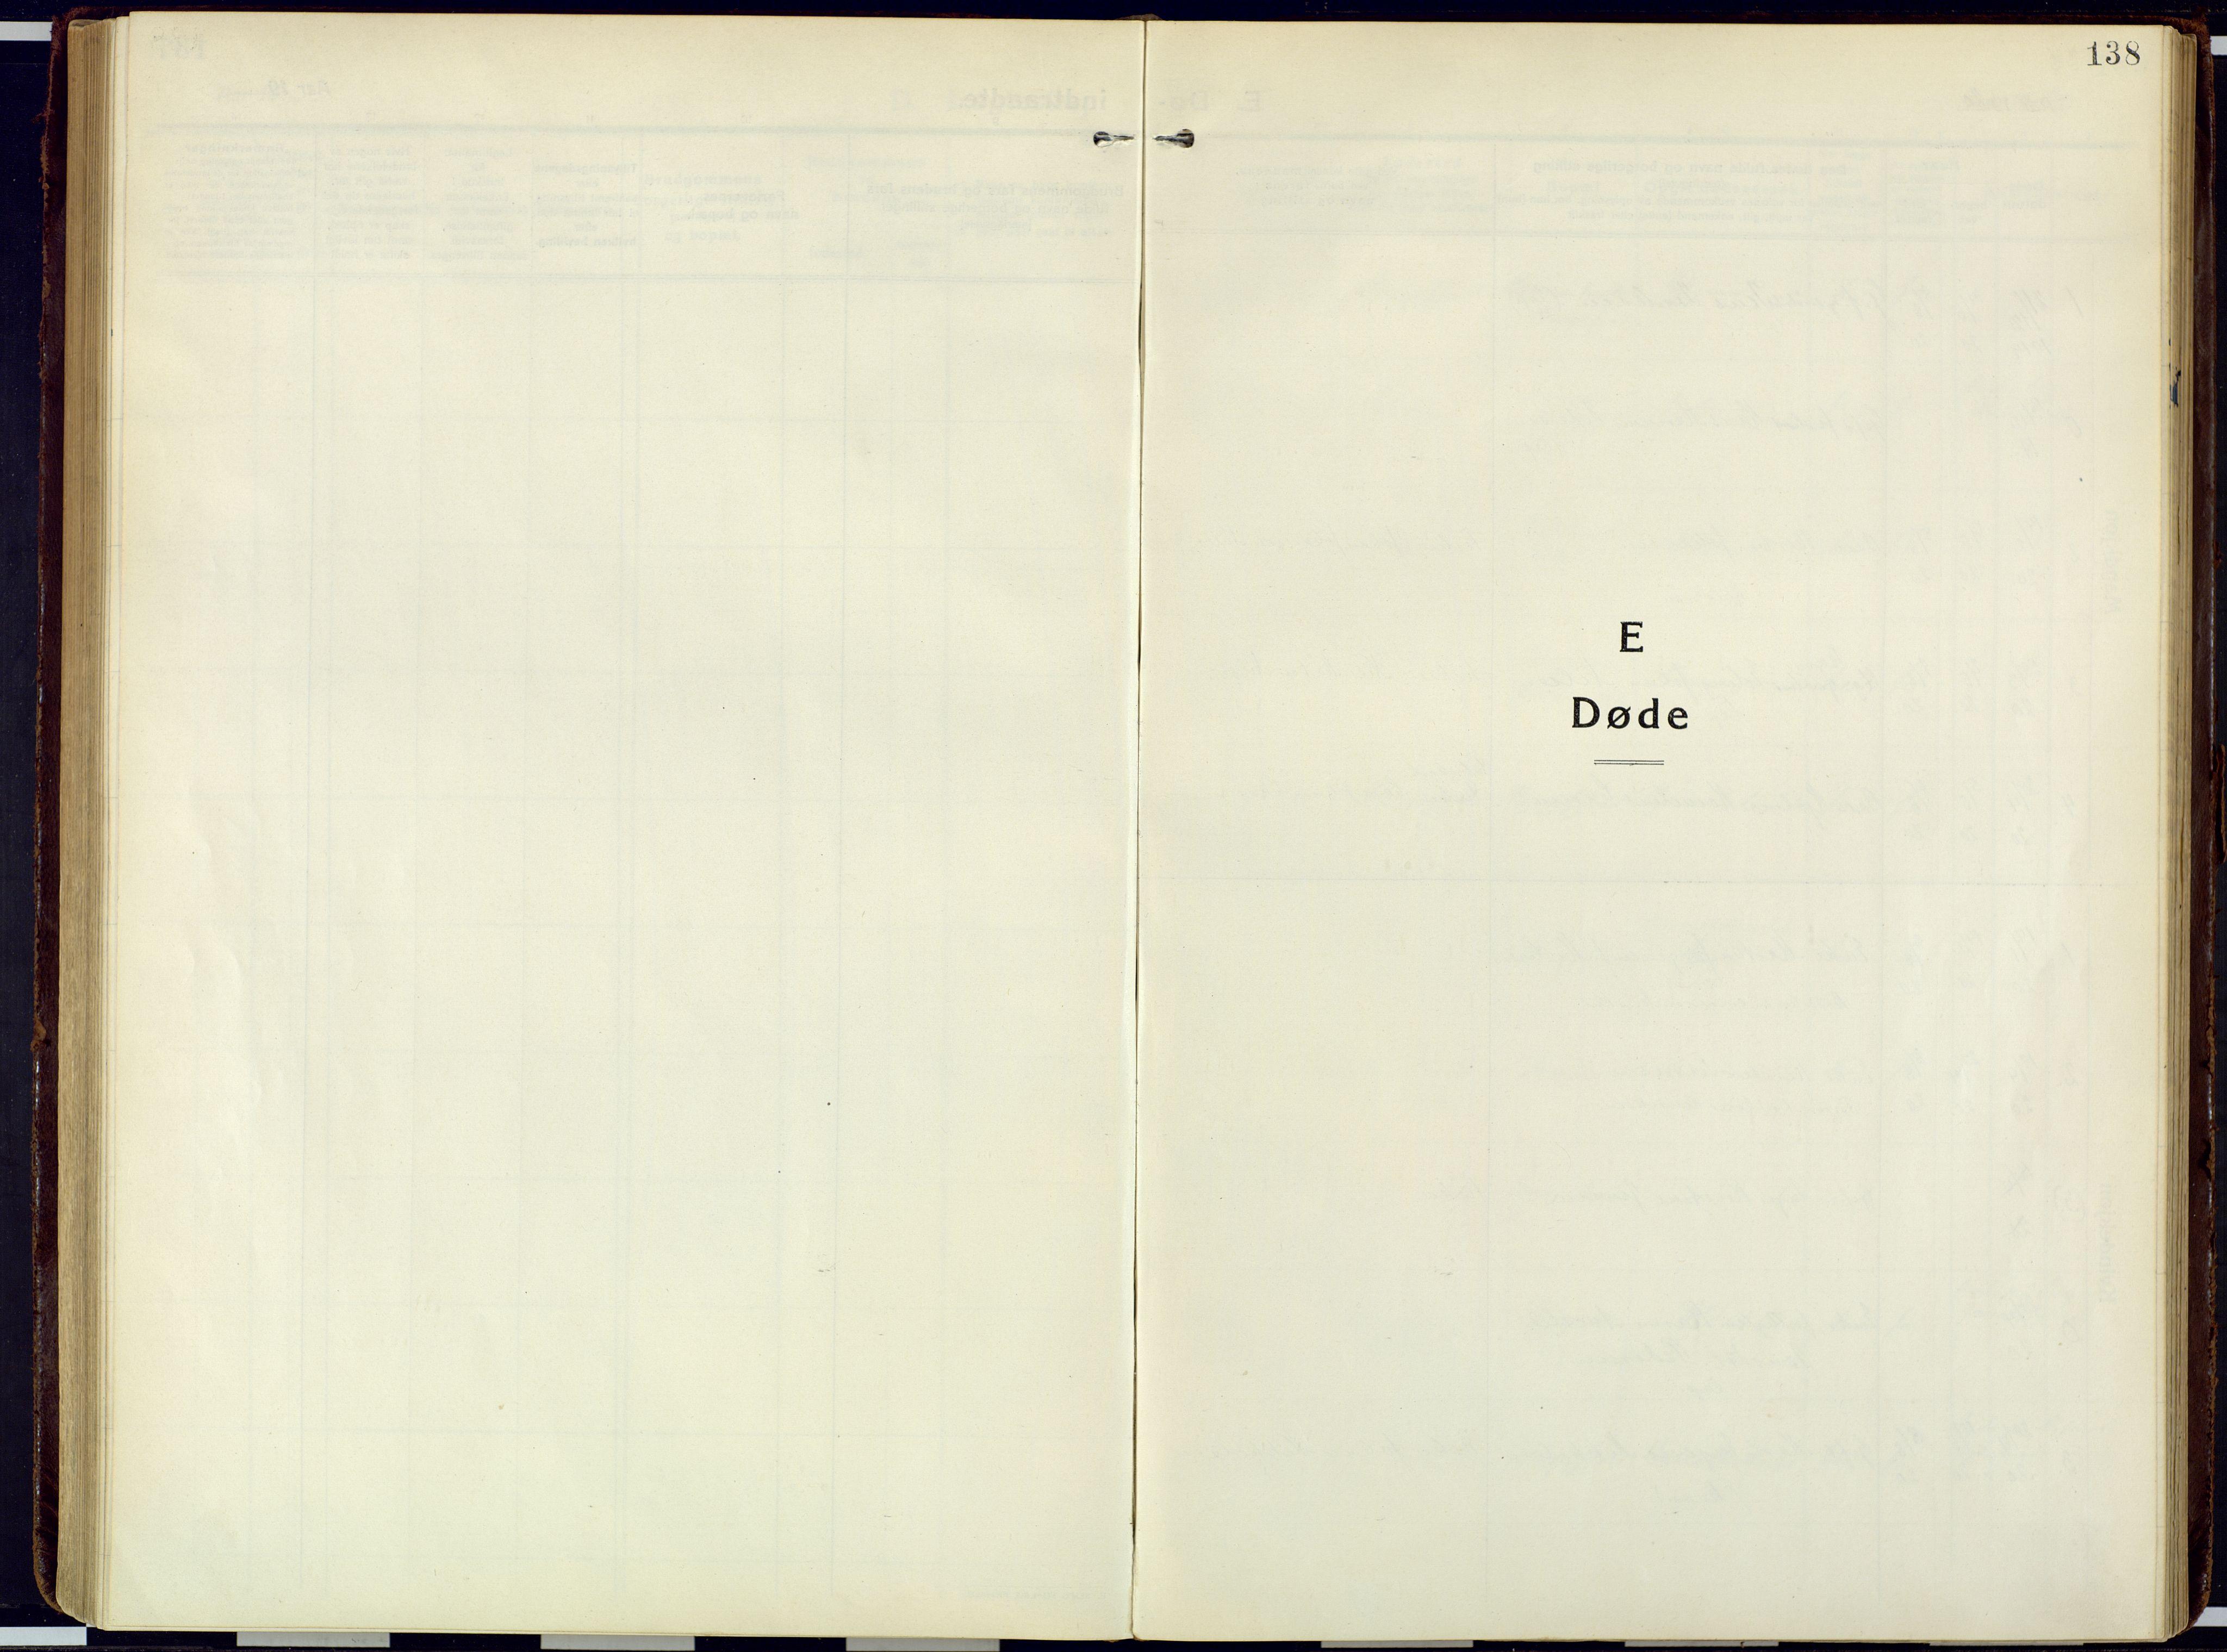 SATØ, Loppa sokneprestkontor, H/Ha/L0013kirke: Ministerialbok nr. 13, 1920-1932, s. 138